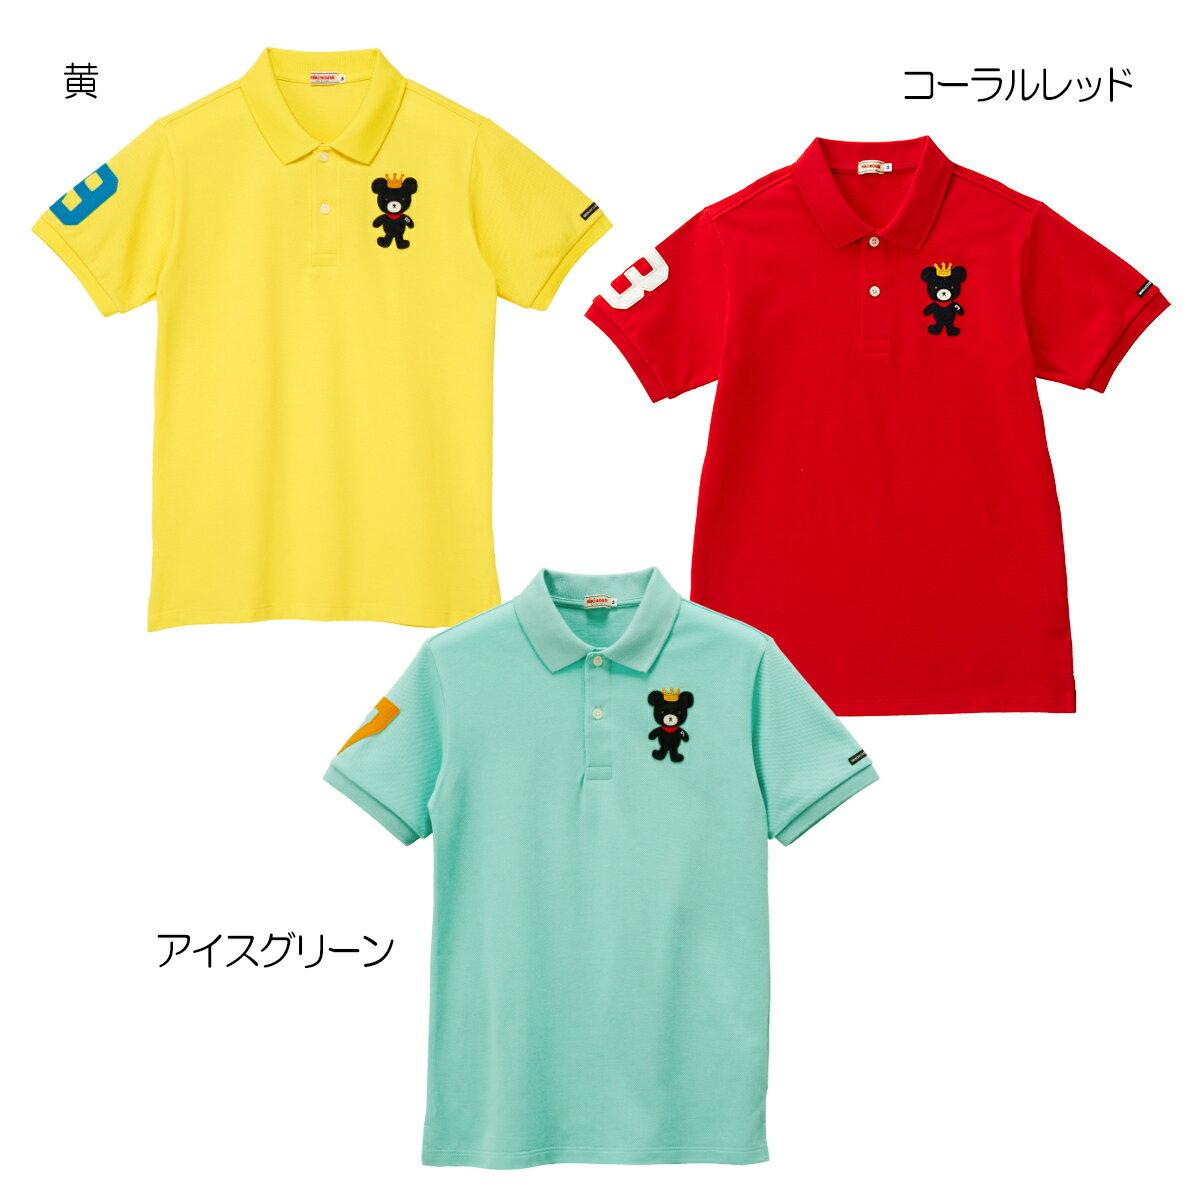 ミキハウス mikihouse キングくん 半袖ポロシャツ〈S(155cm-165cm)〉